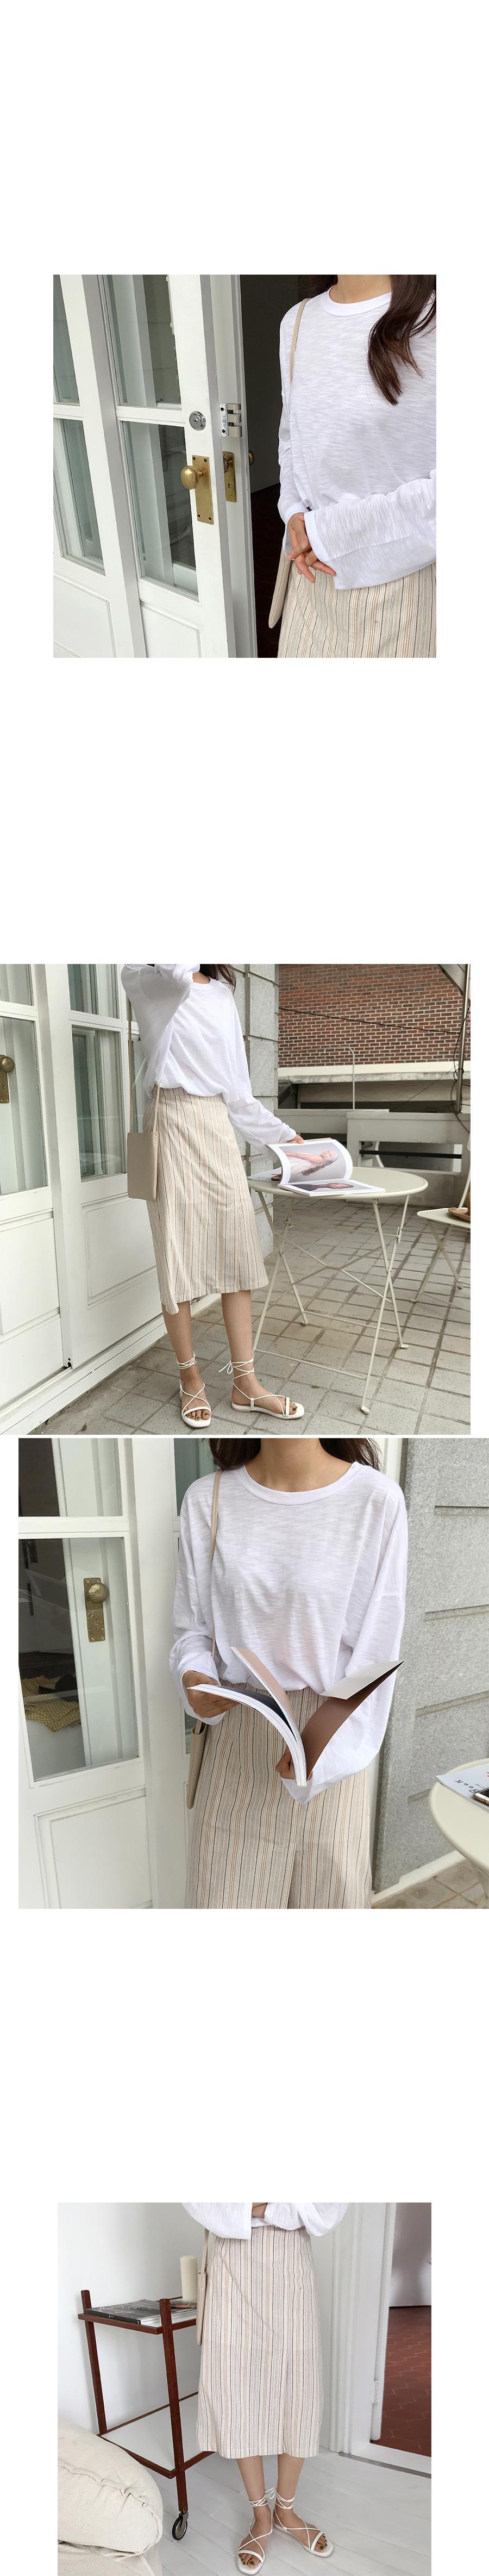 Old Long Skirt